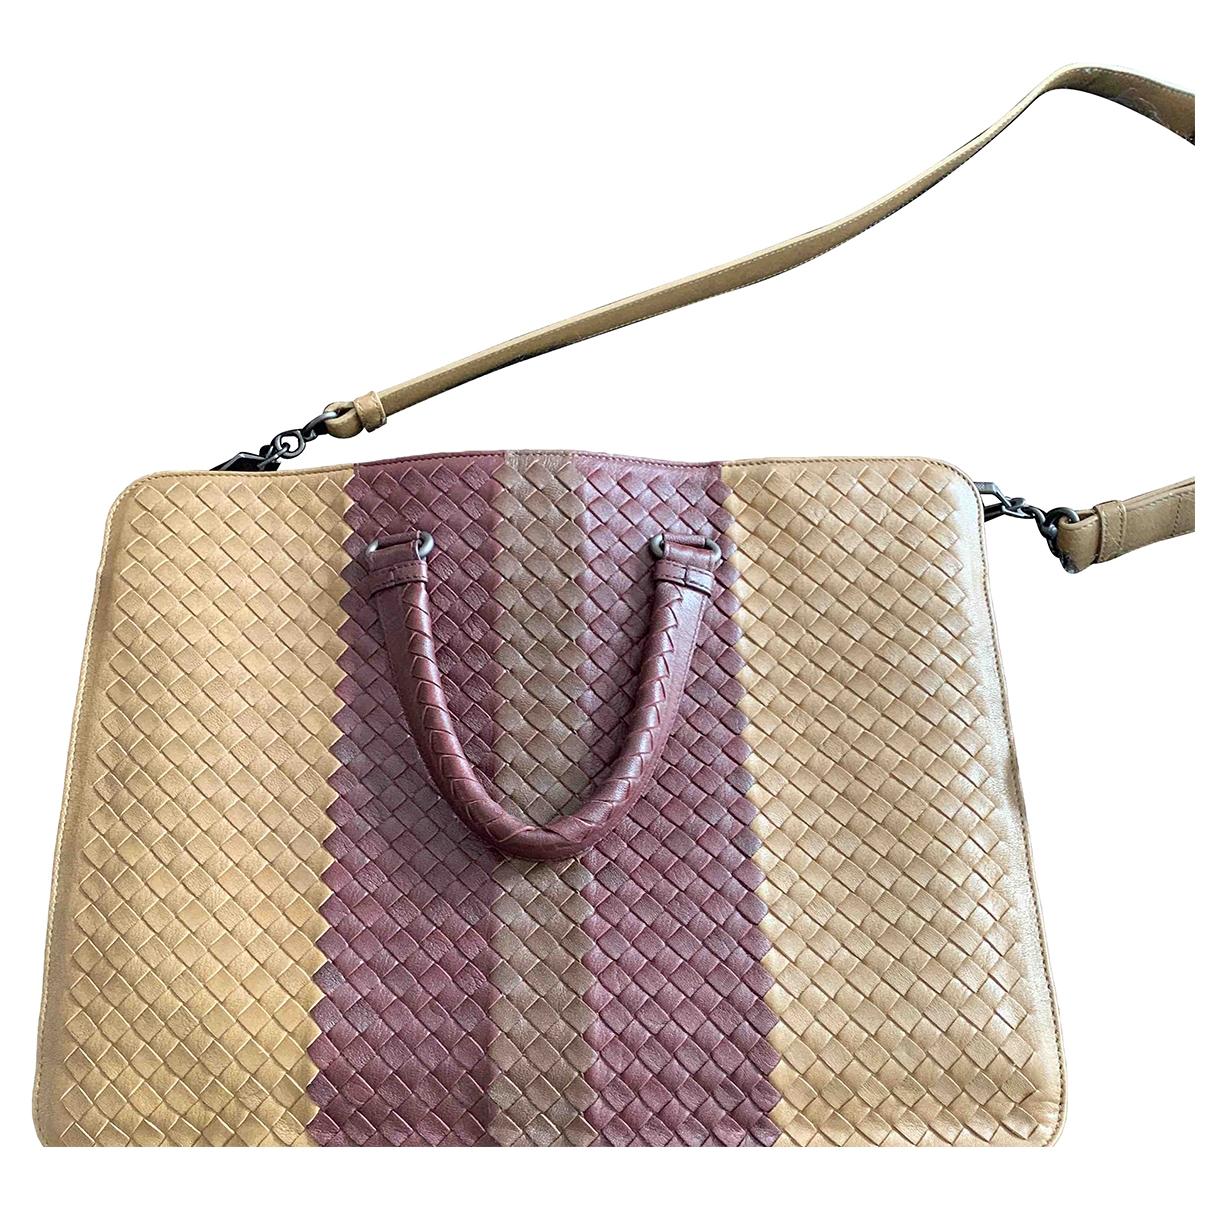 Bottega Veneta \N Handtasche in  Bunt Leder